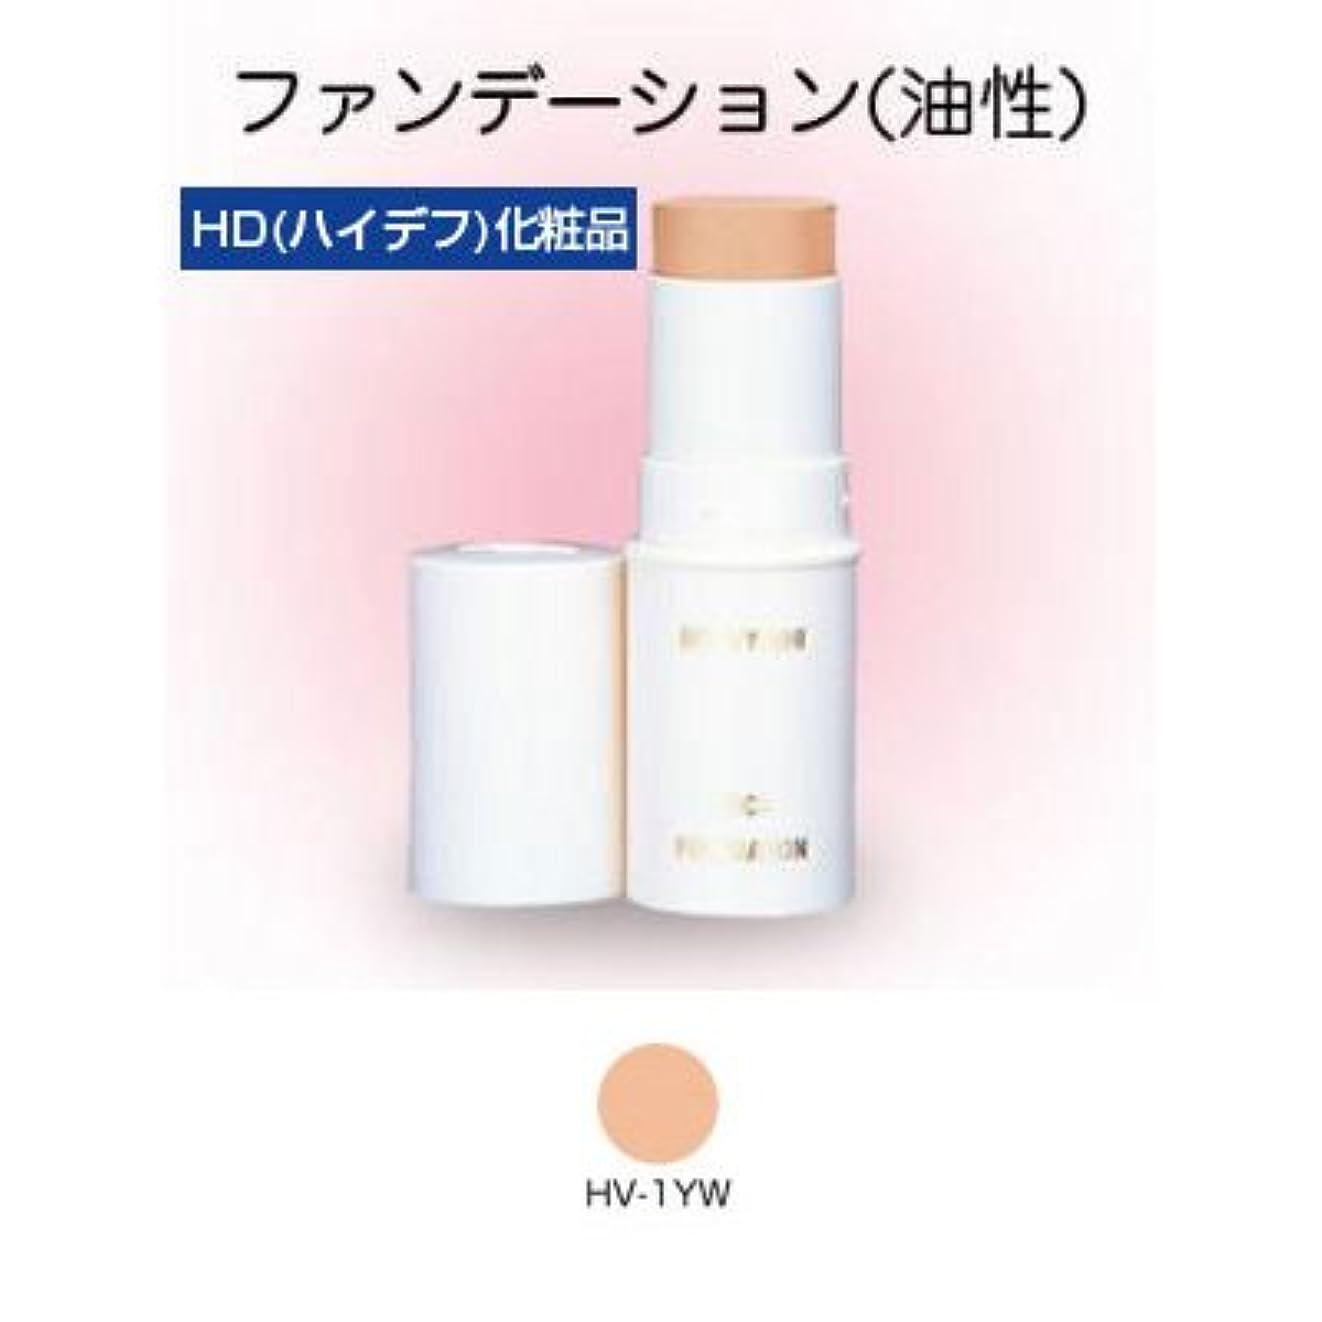 ディスコ誰もつらいスティックファンデーション HD化粧品 17g 1YW 【三善】